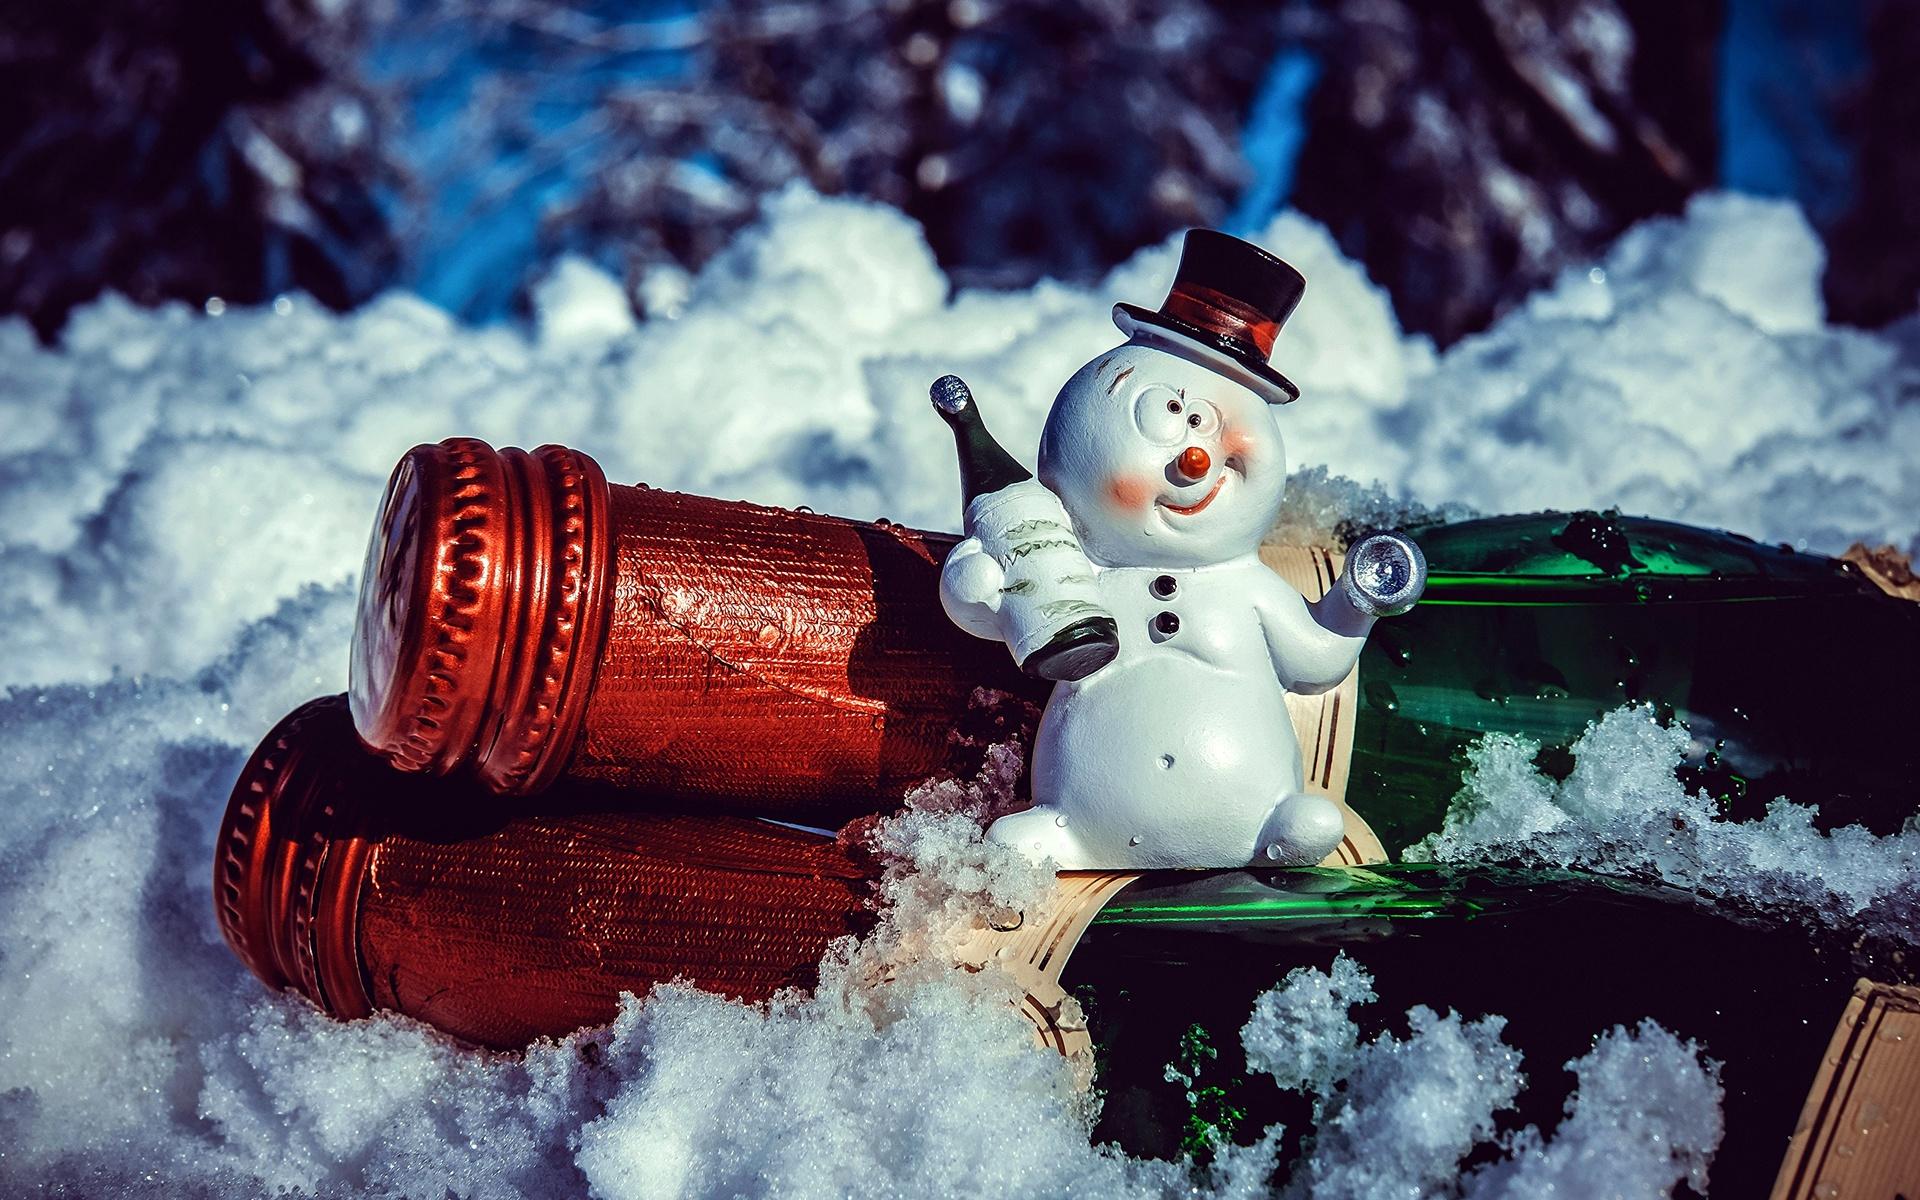 зима, снег, праздник, новый год, рождество, бутылки, фигурка, снеговик